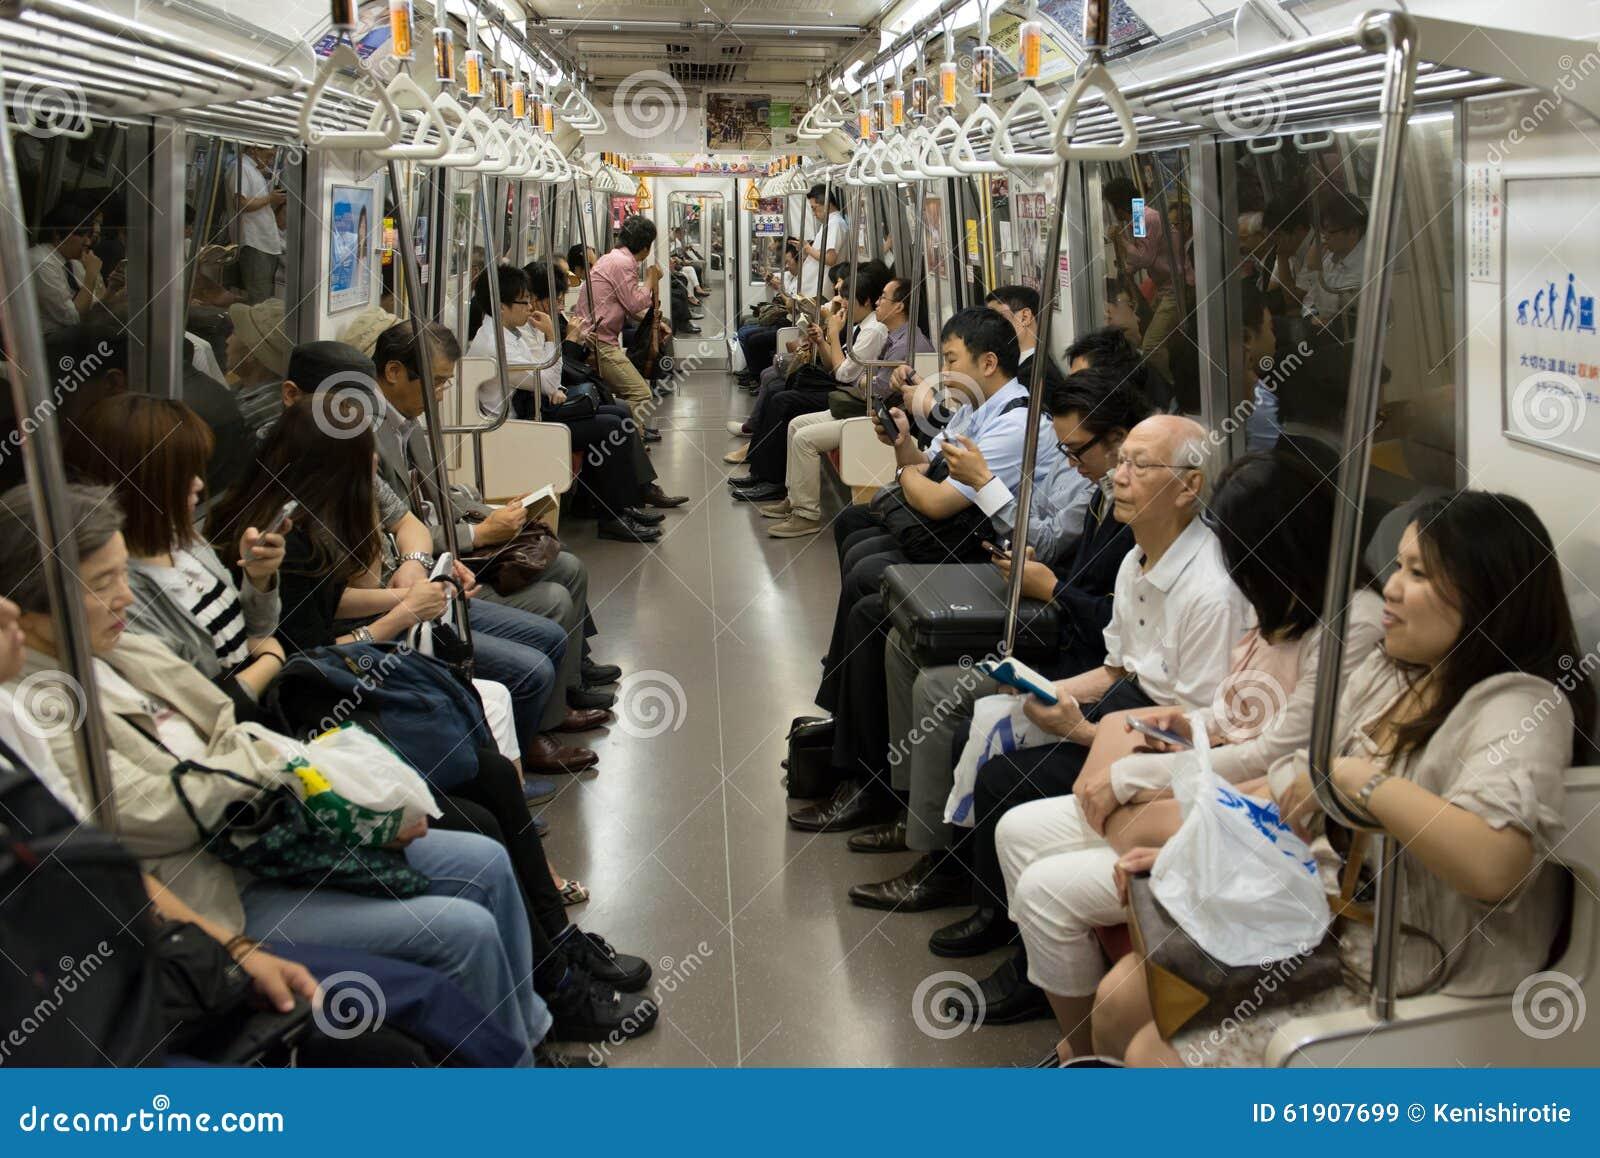 在東京地鐵的人群圖片